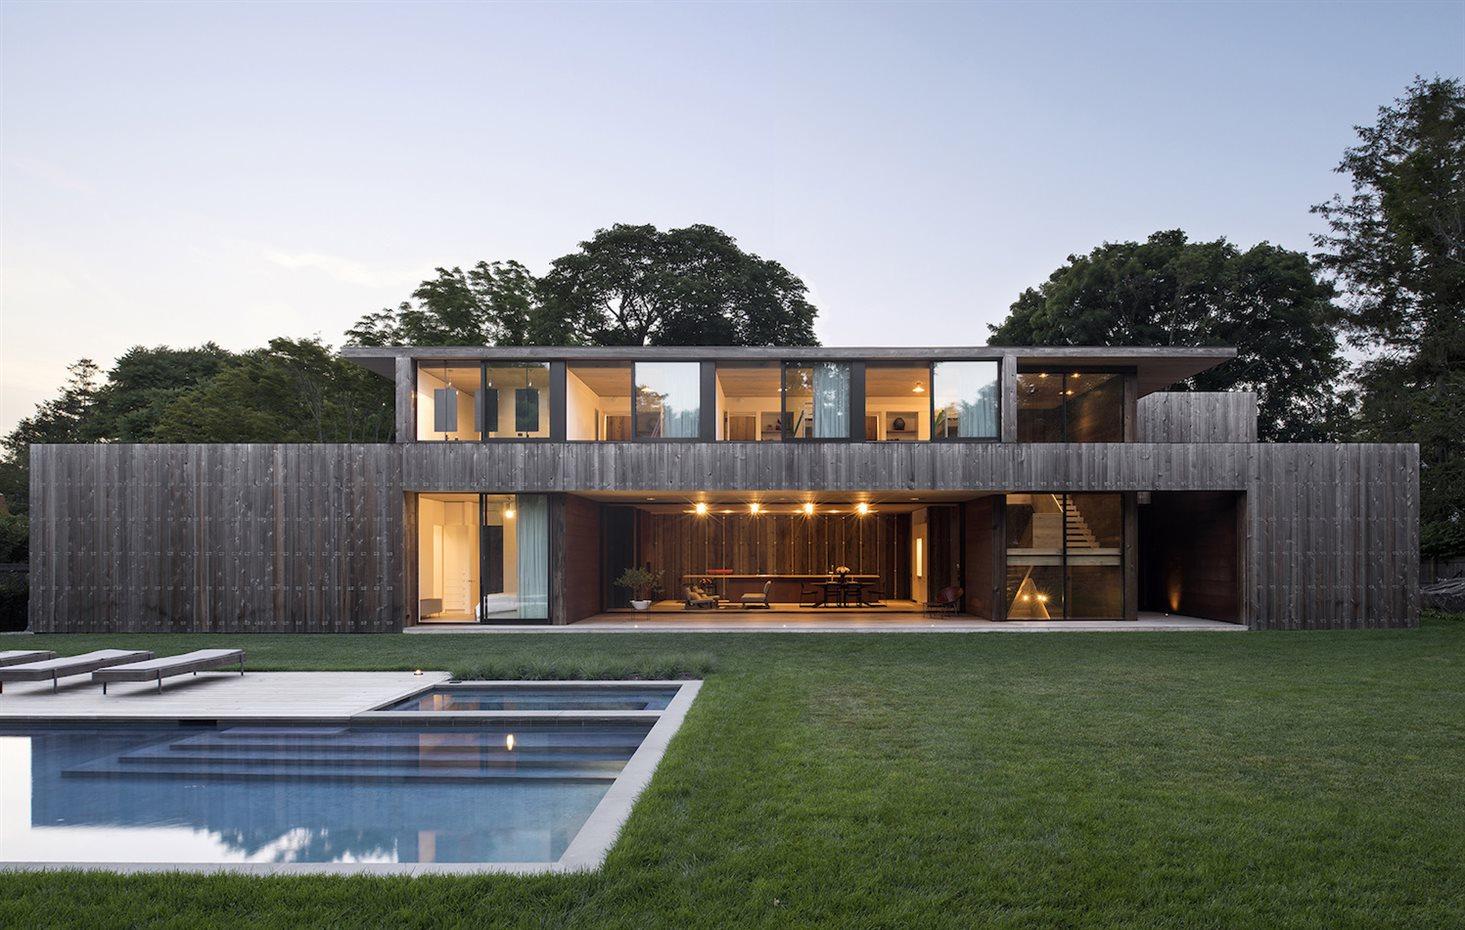 Dise o jardin con piscina en tres alturas casa dise o for Diseno de piscinas pdf